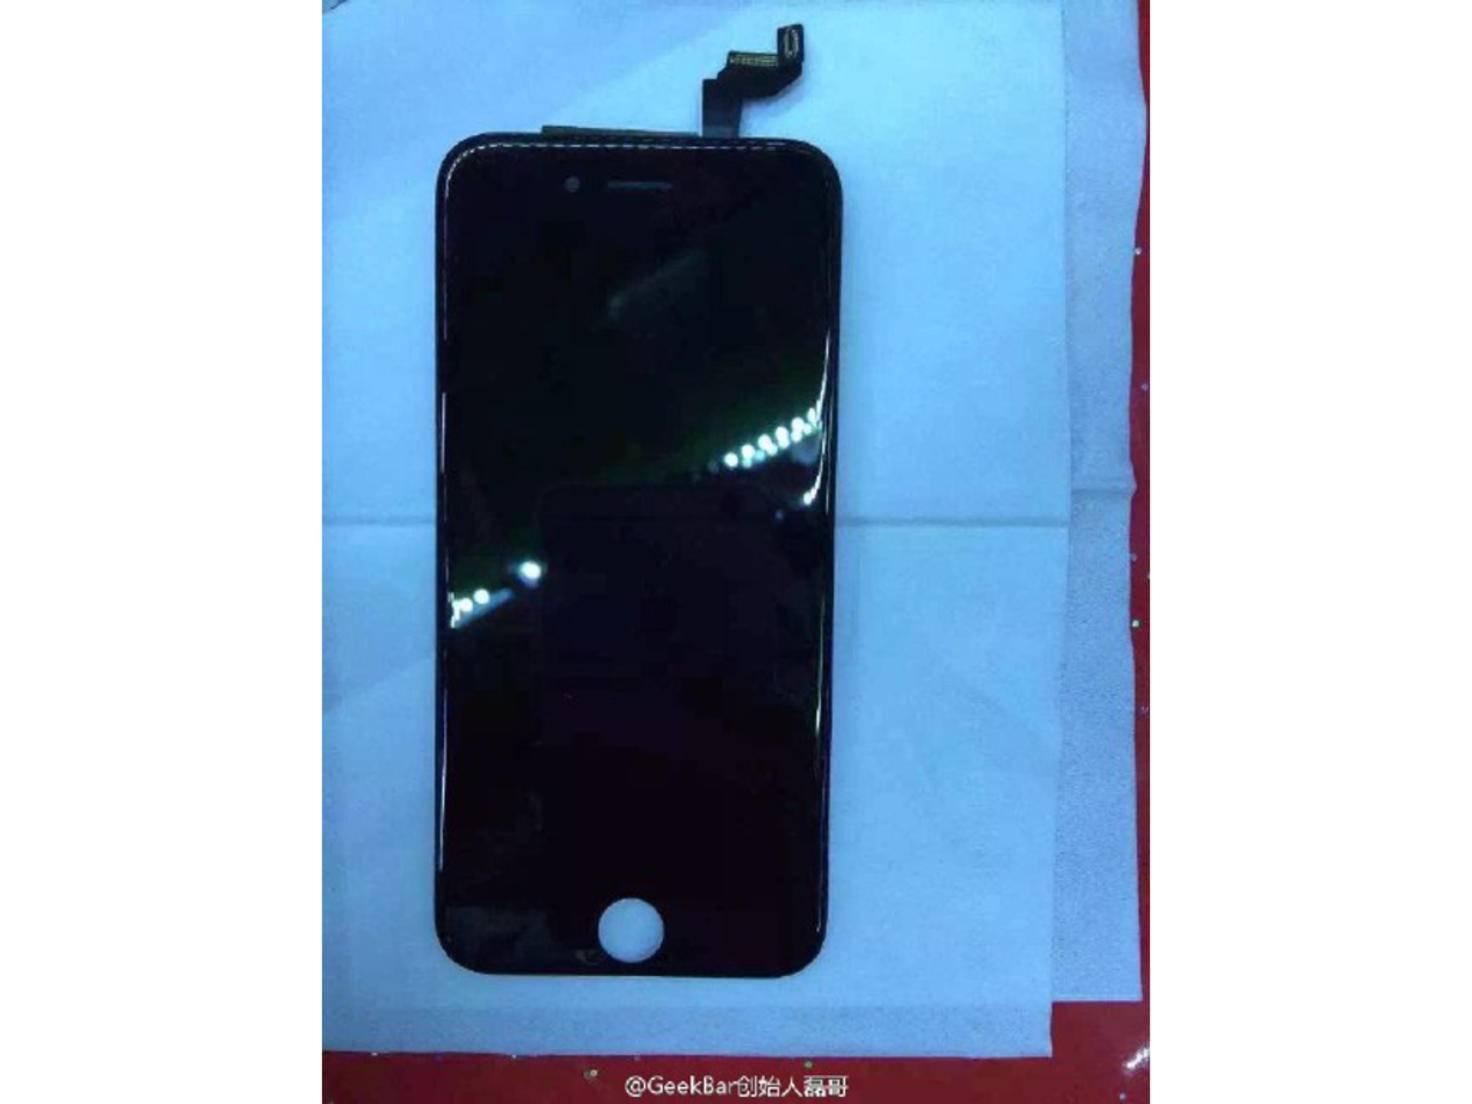 Angebliches Display des iPhone 6s.